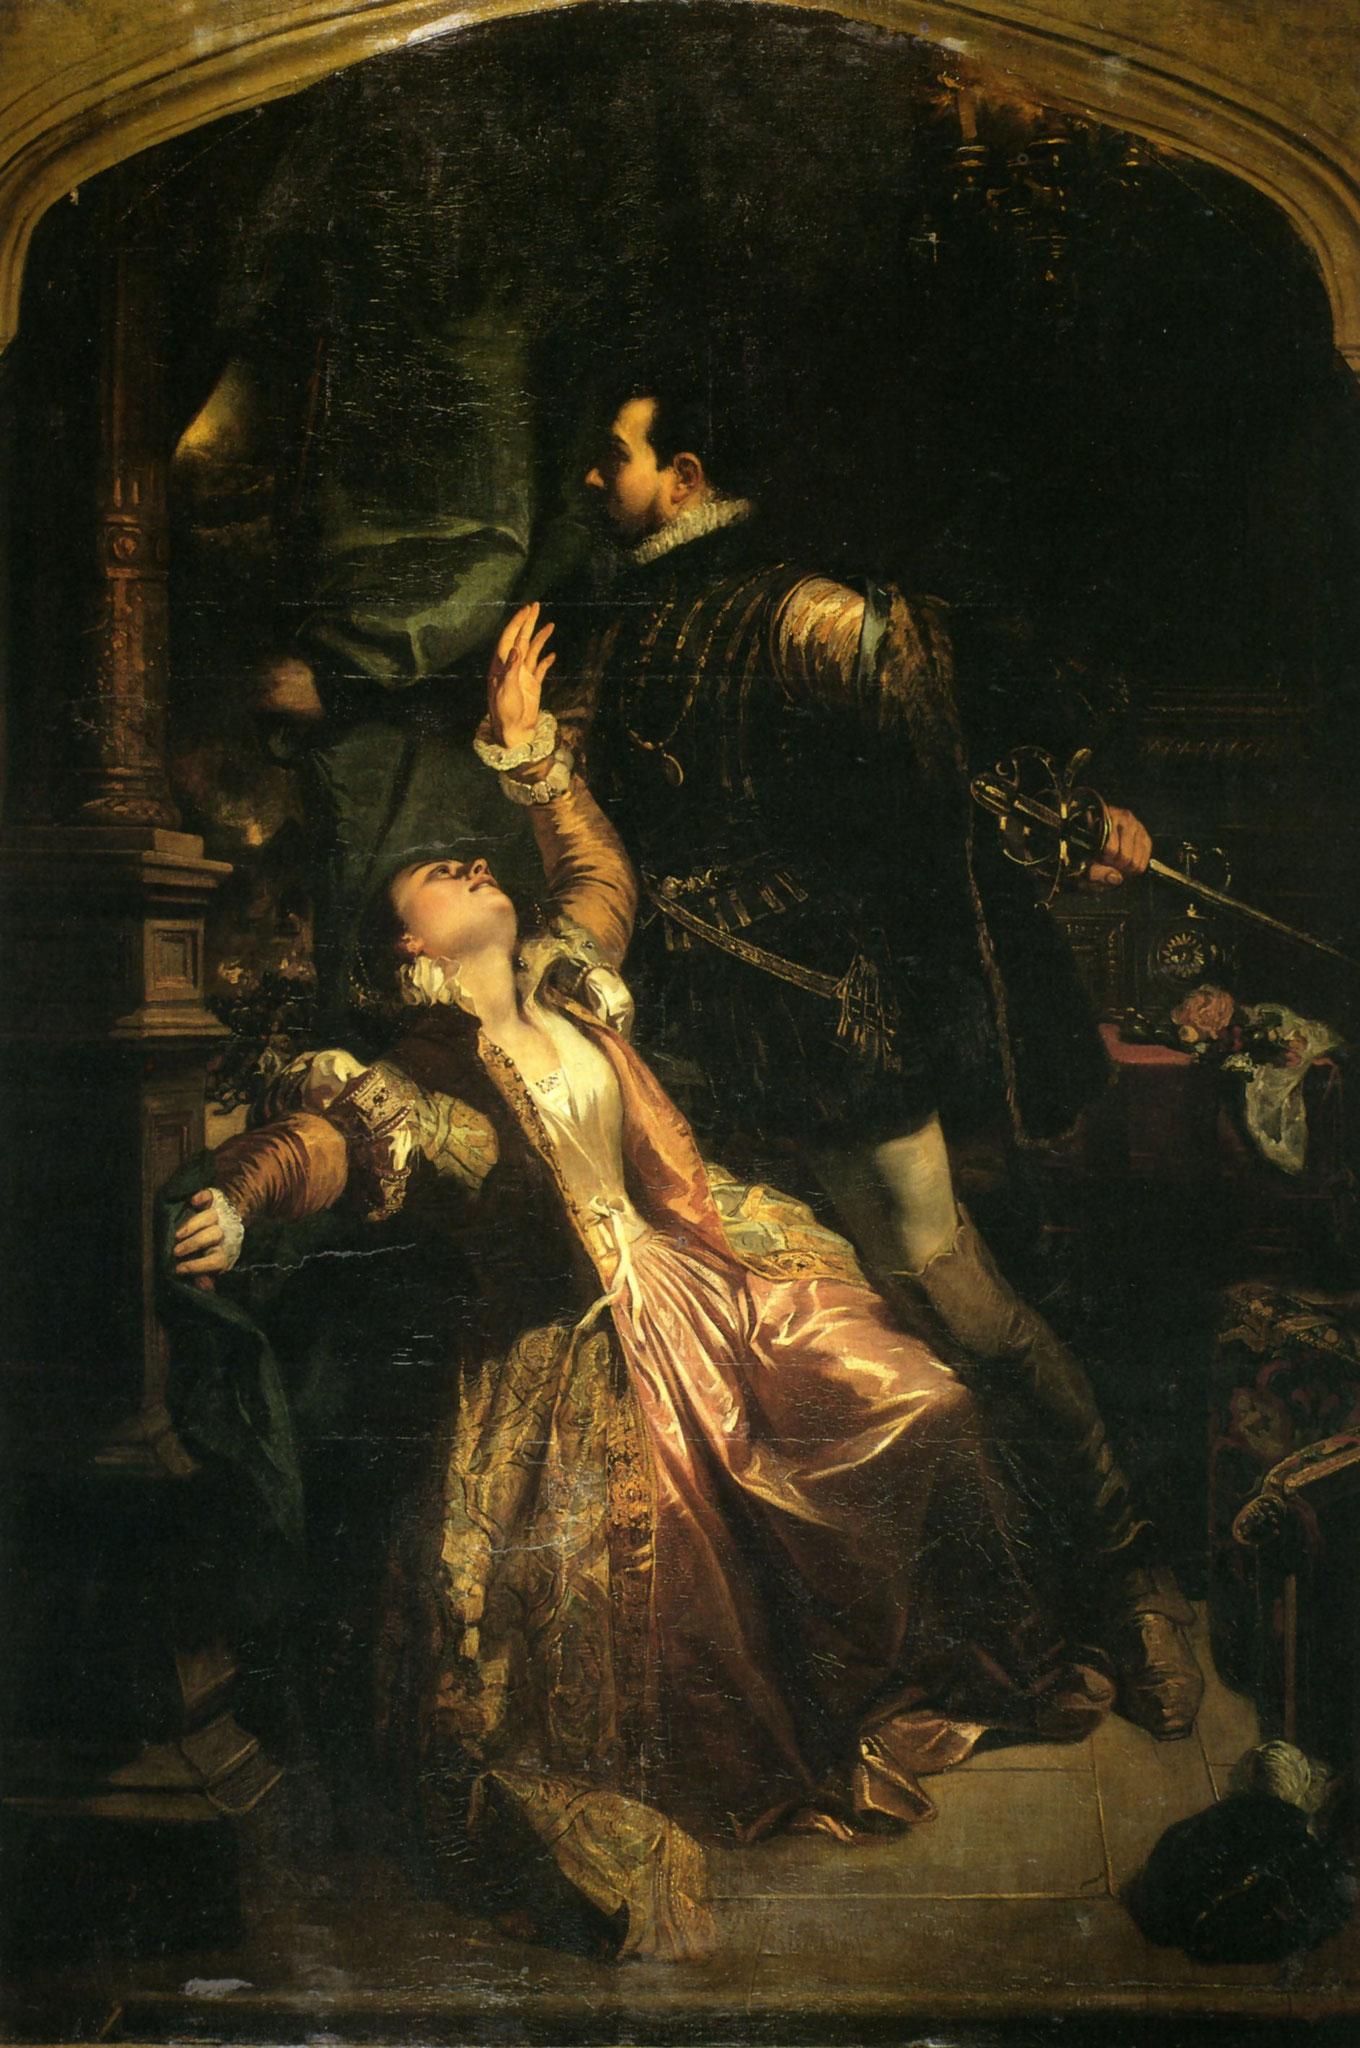 Scène de Les Huguenots par Camille Roqueplan - Raoul et Valentine (Musée Beaux Arts Bordeaux)